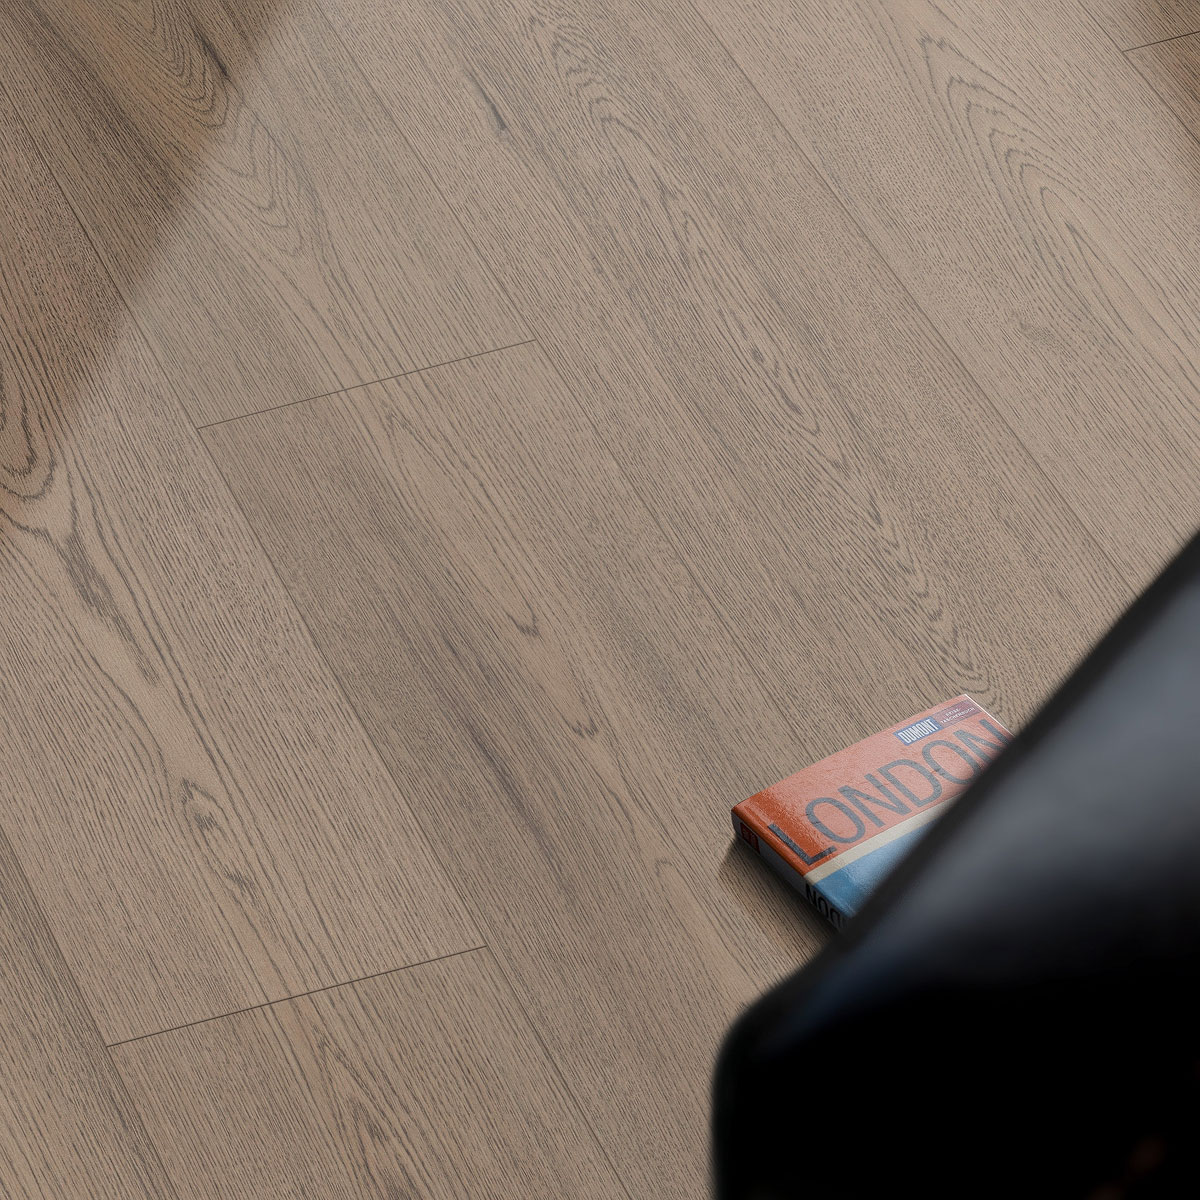 egger pro comfort large korkboden landhausdiele 1 stab eiche inverness ec2020. Black Bedroom Furniture Sets. Home Design Ideas